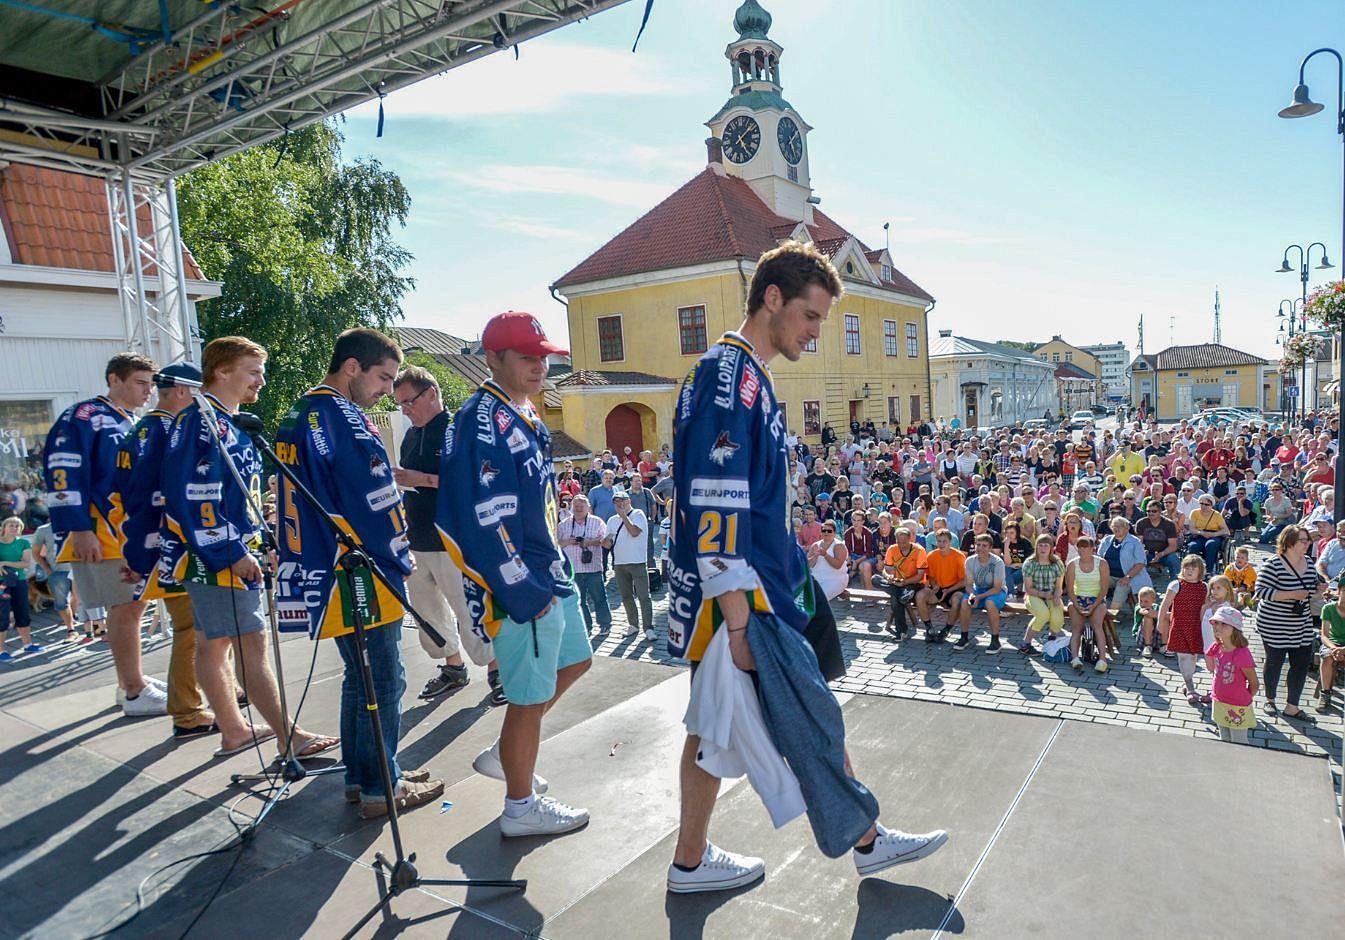 Kuva viime vuoden esittelytilaisuudesta. Nämä kaverit eivät enää Lukko-paitaa kanna. (Kuva: LS-arkisto/Pekka Lehmuskallio)